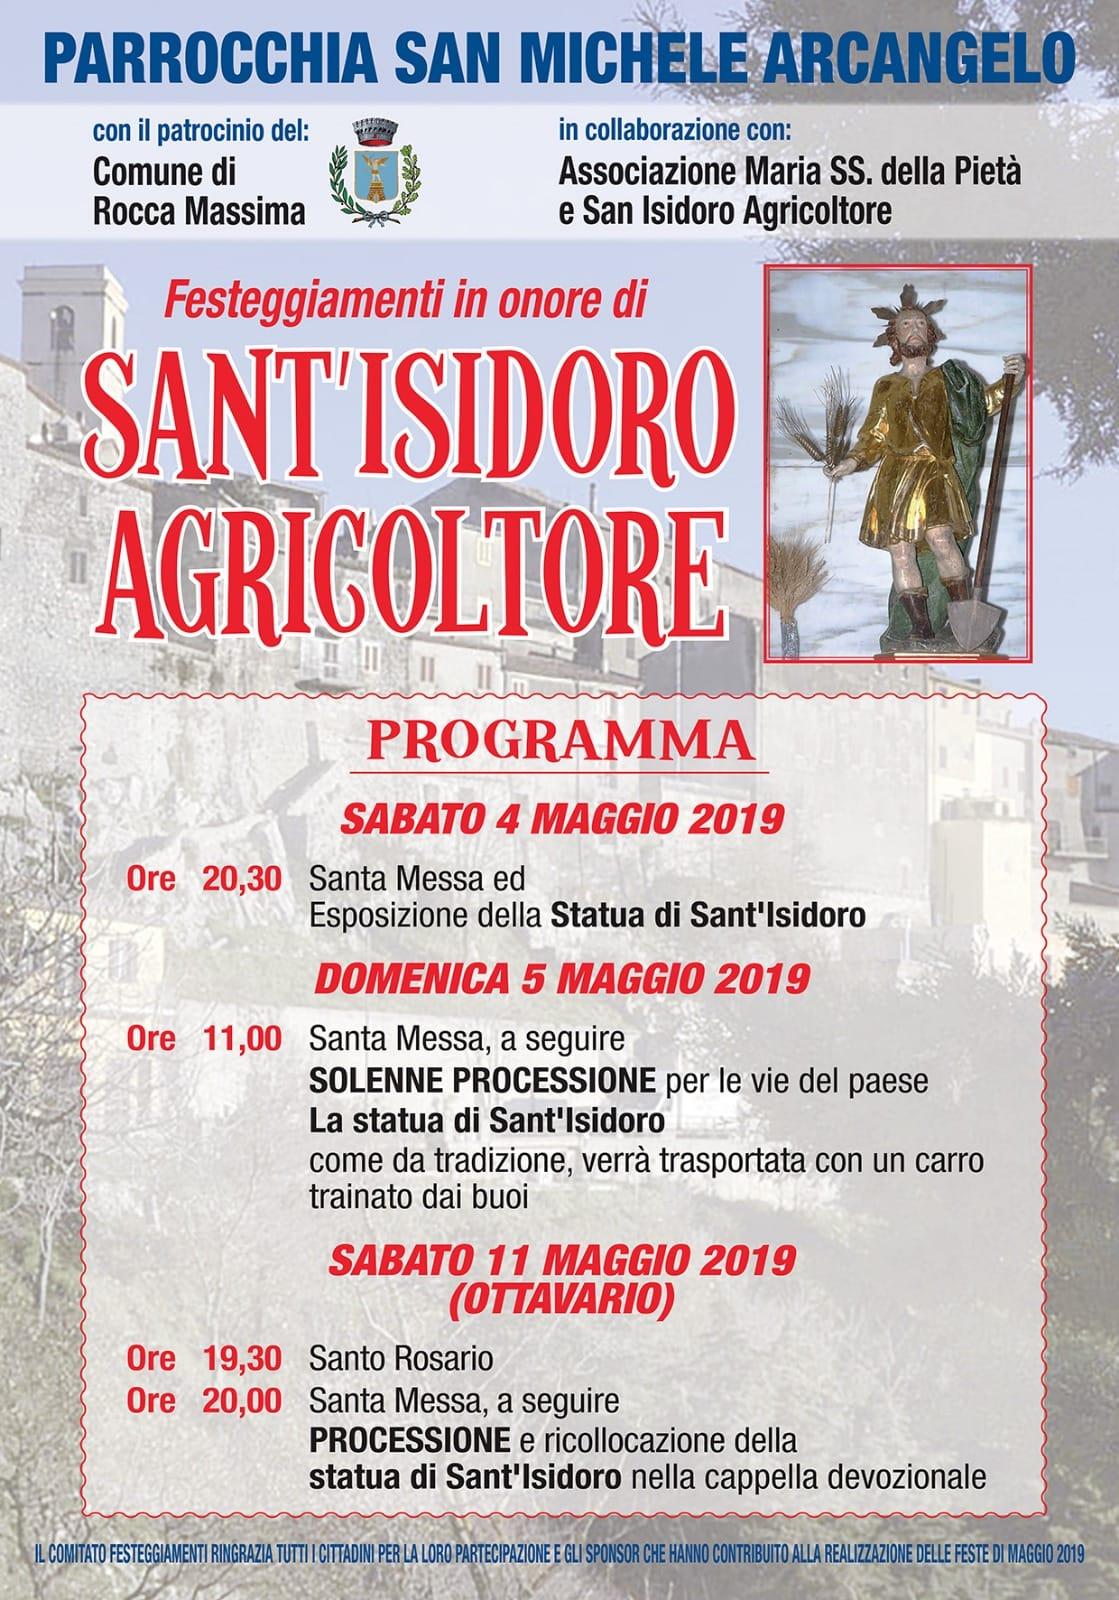 Rocca Massima: Festeggiamenti in onore di Sant'Isidoro Agricoltore @ per le vie del paese | Rocca Massima | Lazio | Italia